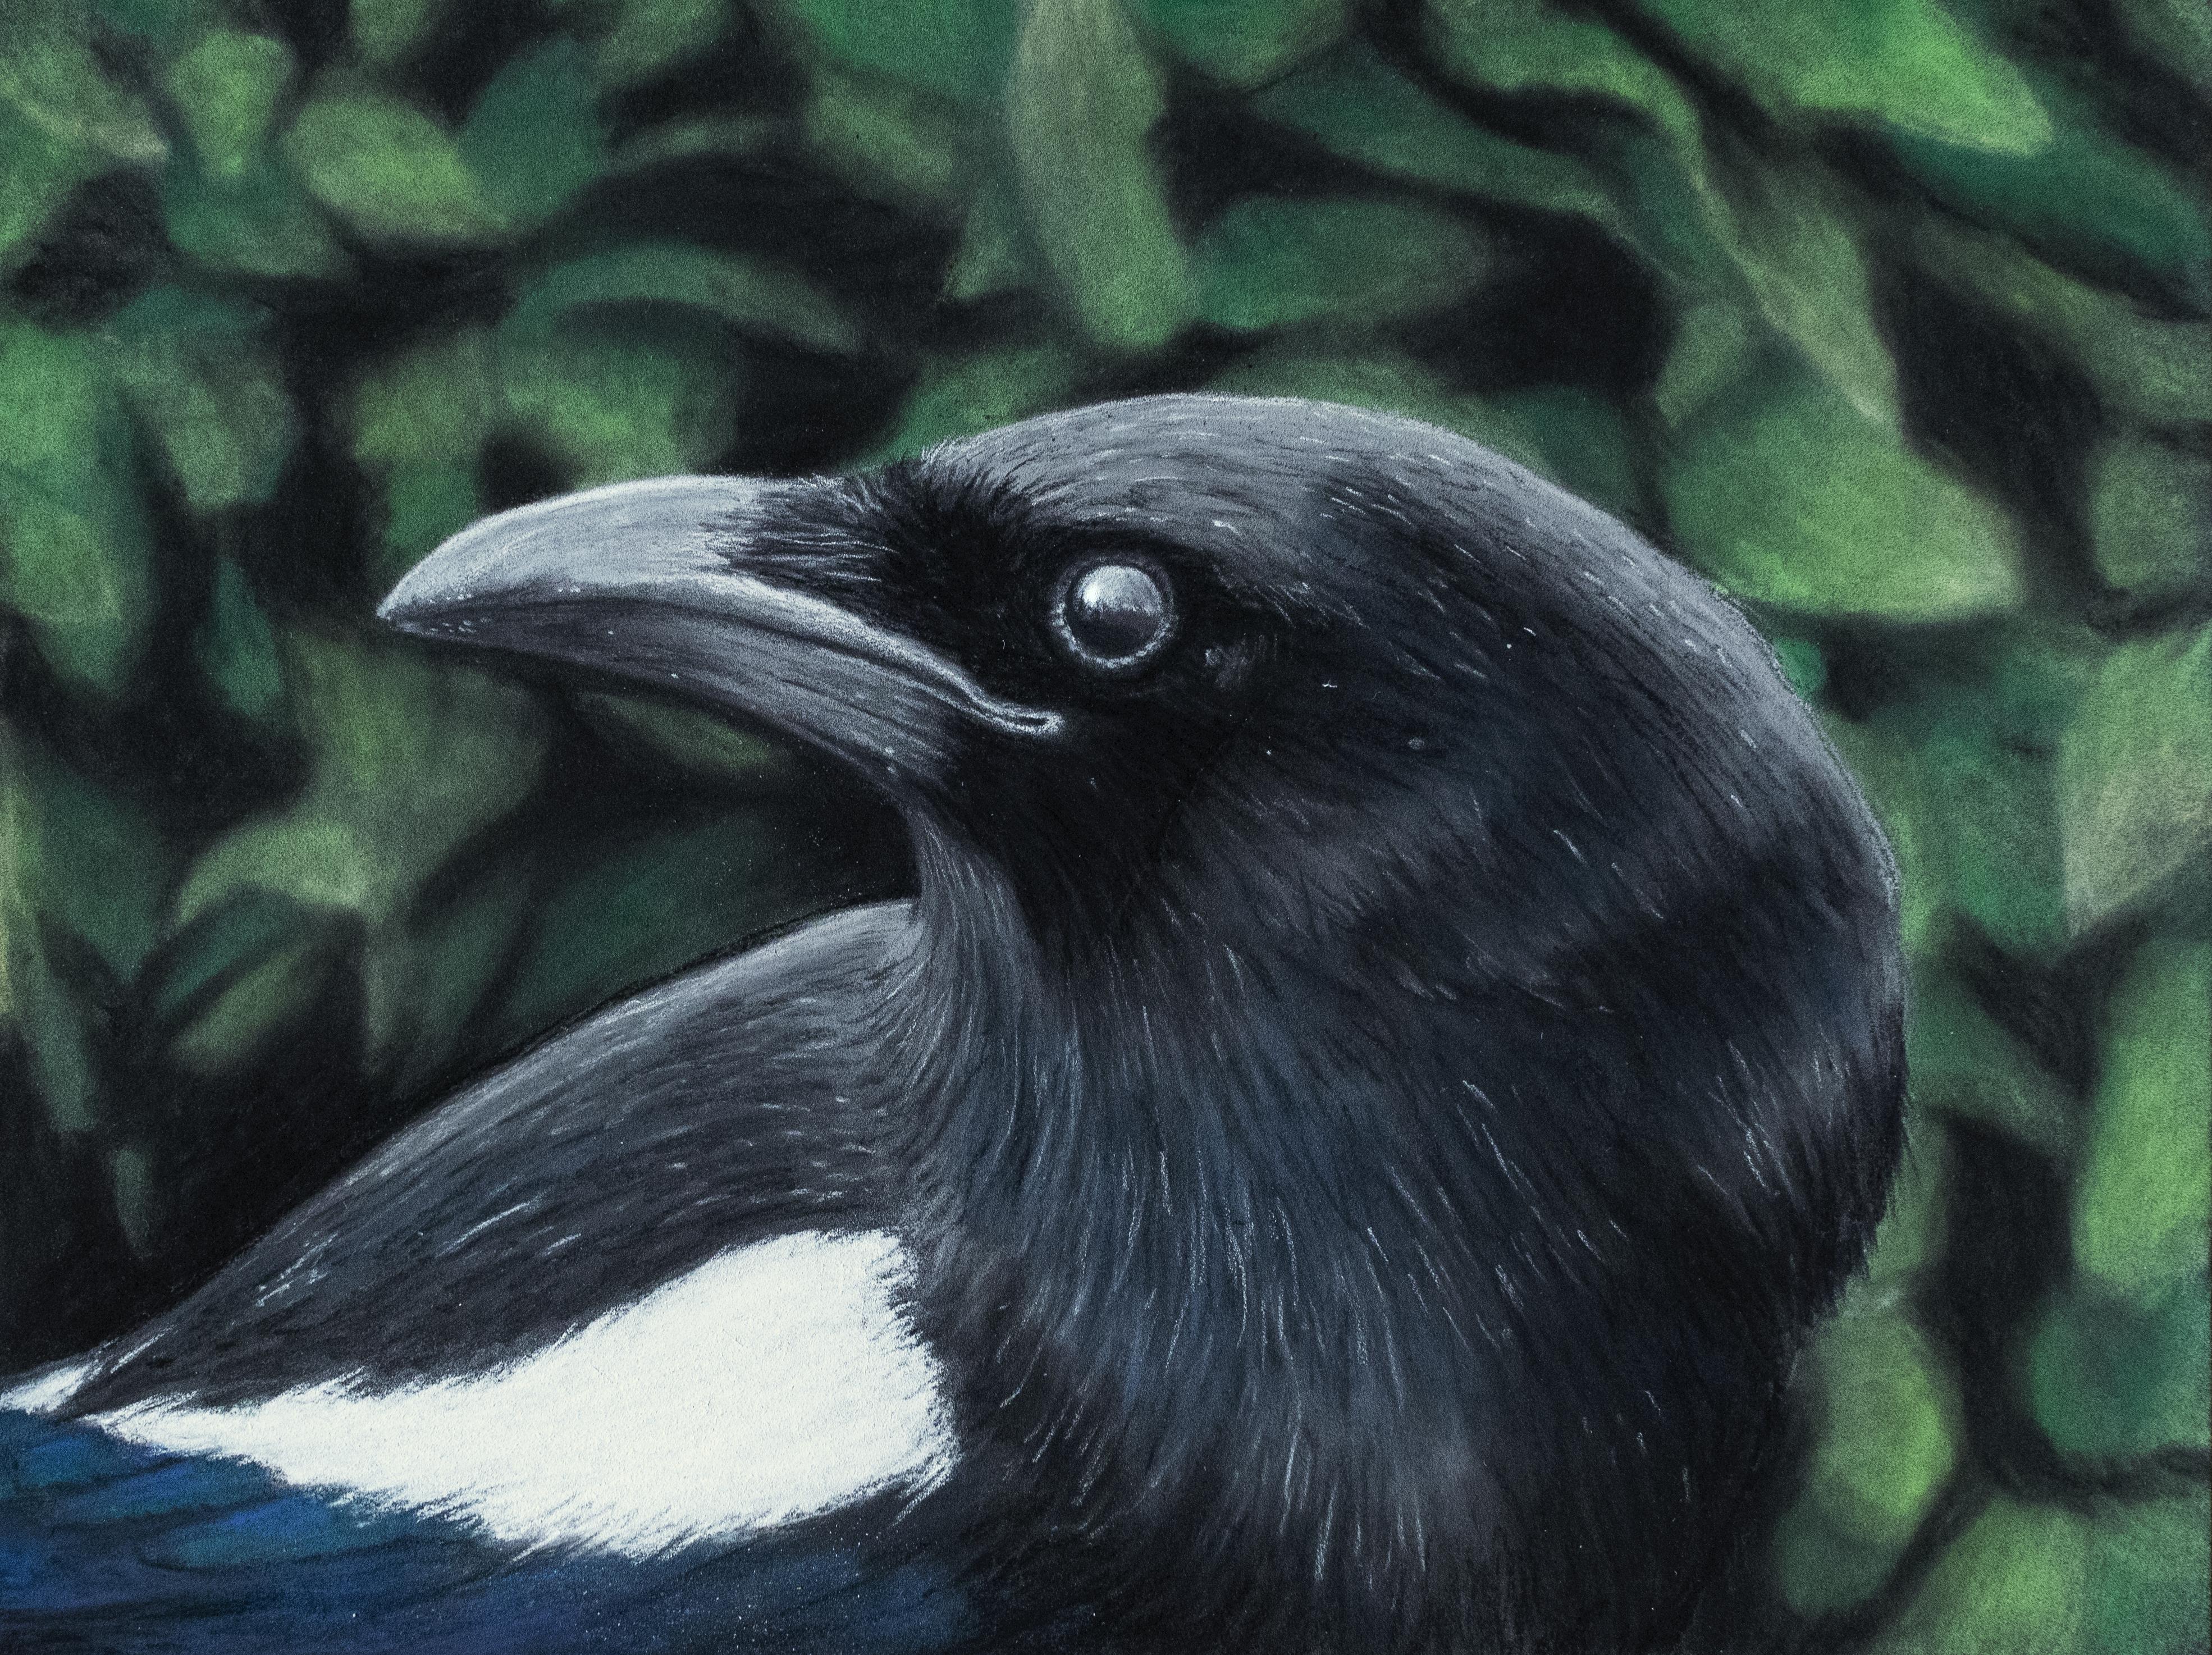 Magpie # 2 illustration